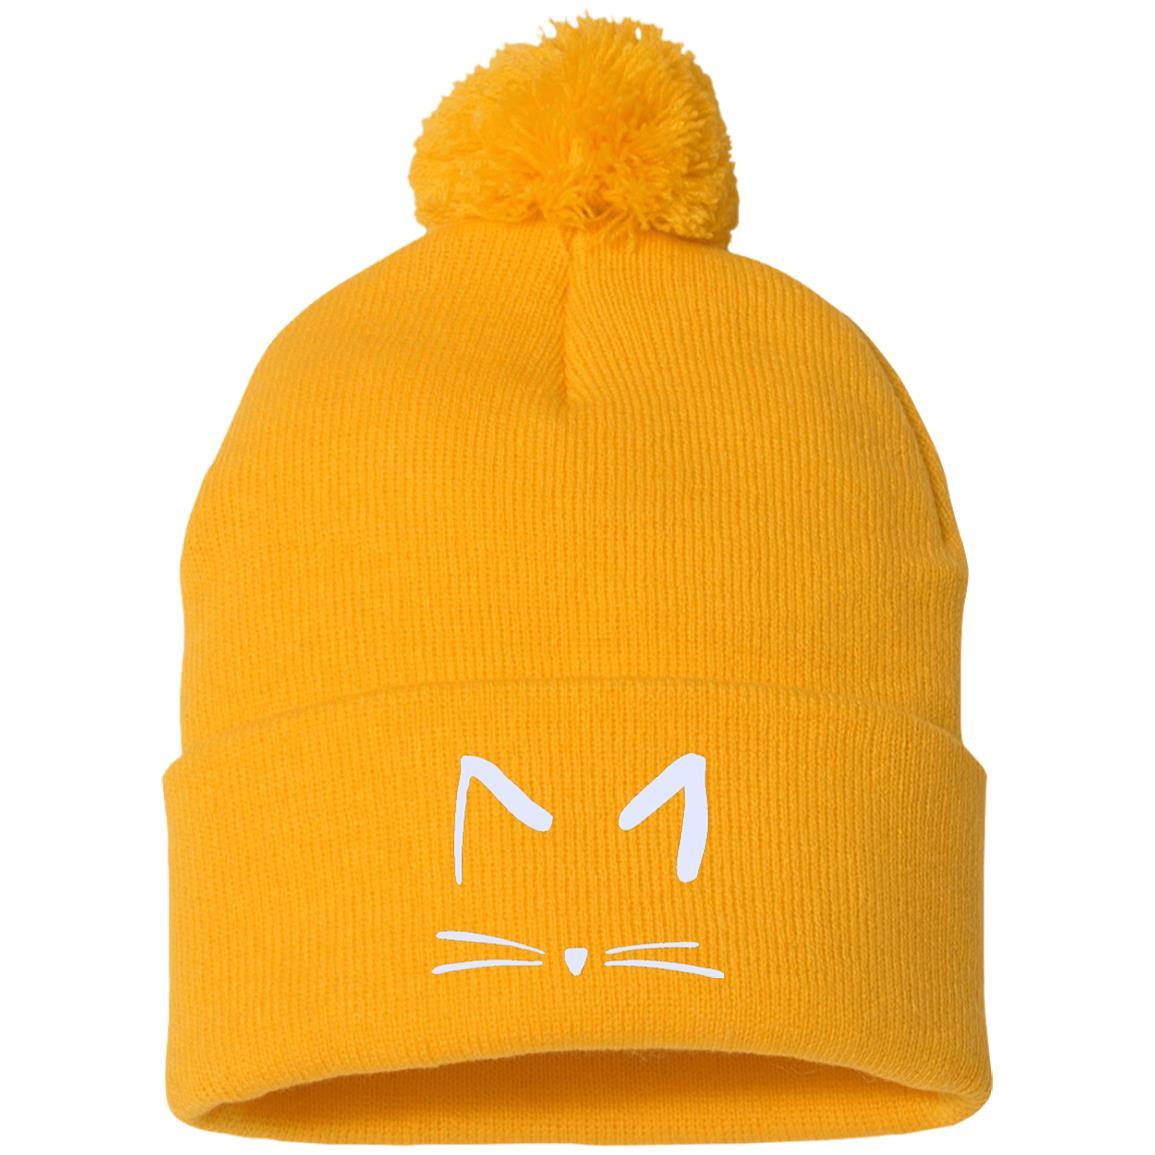 Cat Sketch Embroidered Pom Pom Knit Cap Iheartcats Com